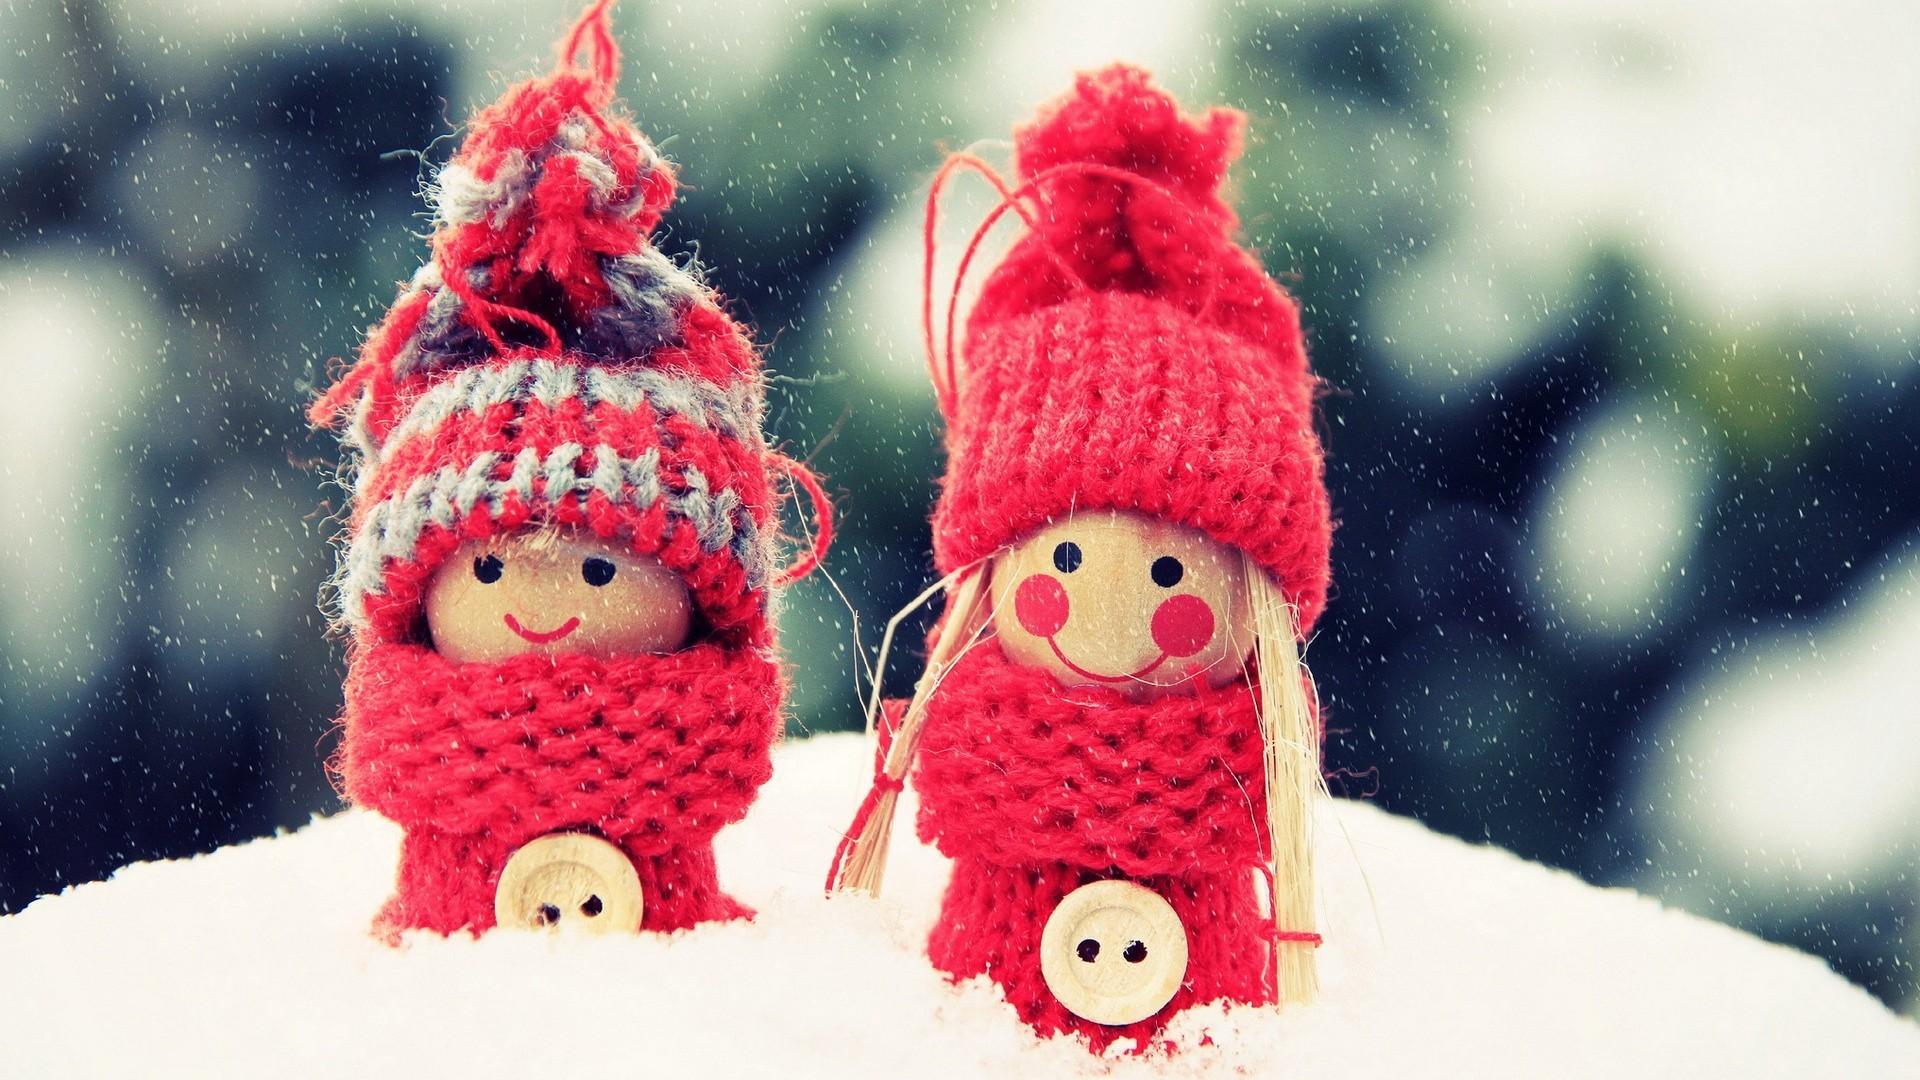 Hintergrundbilder Spielzeug Rot Schnee Schneemann Weihnachten